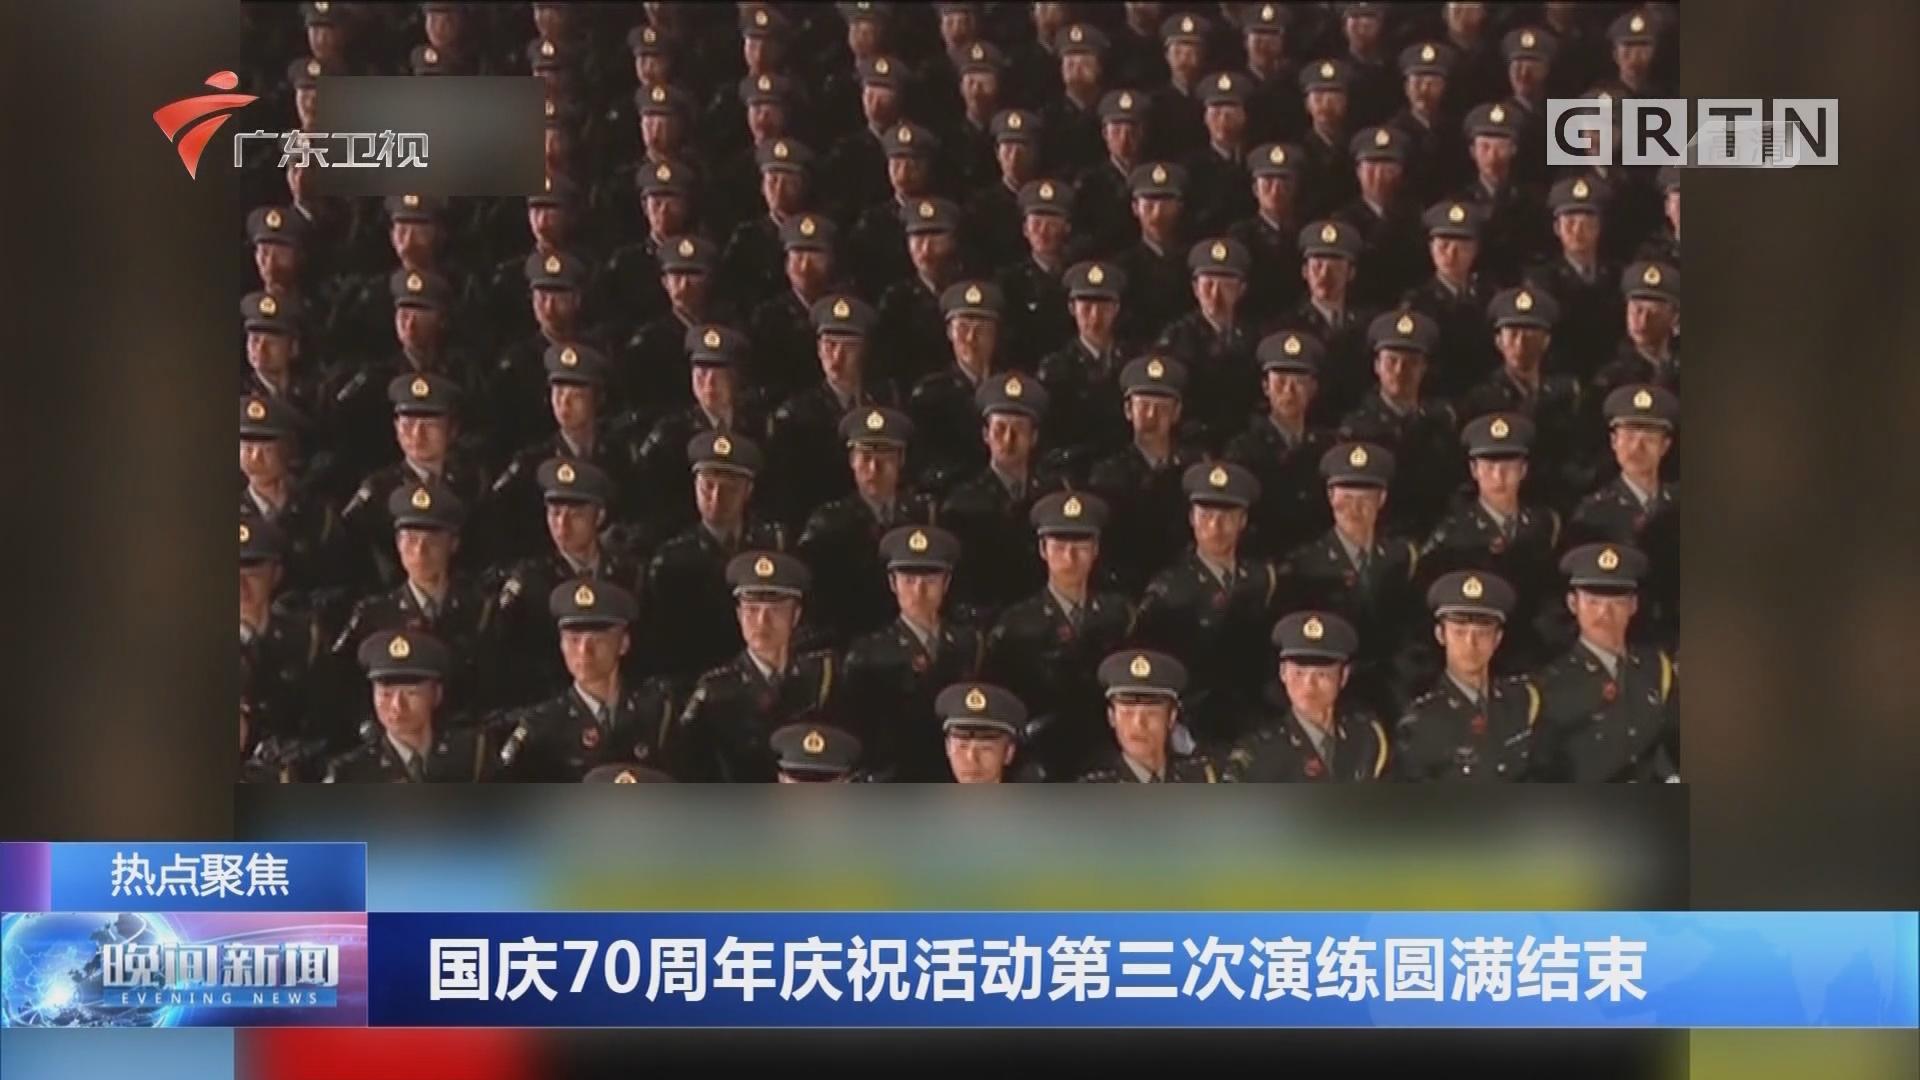 国庆70周年庆祝活动第三次演练圆满结束